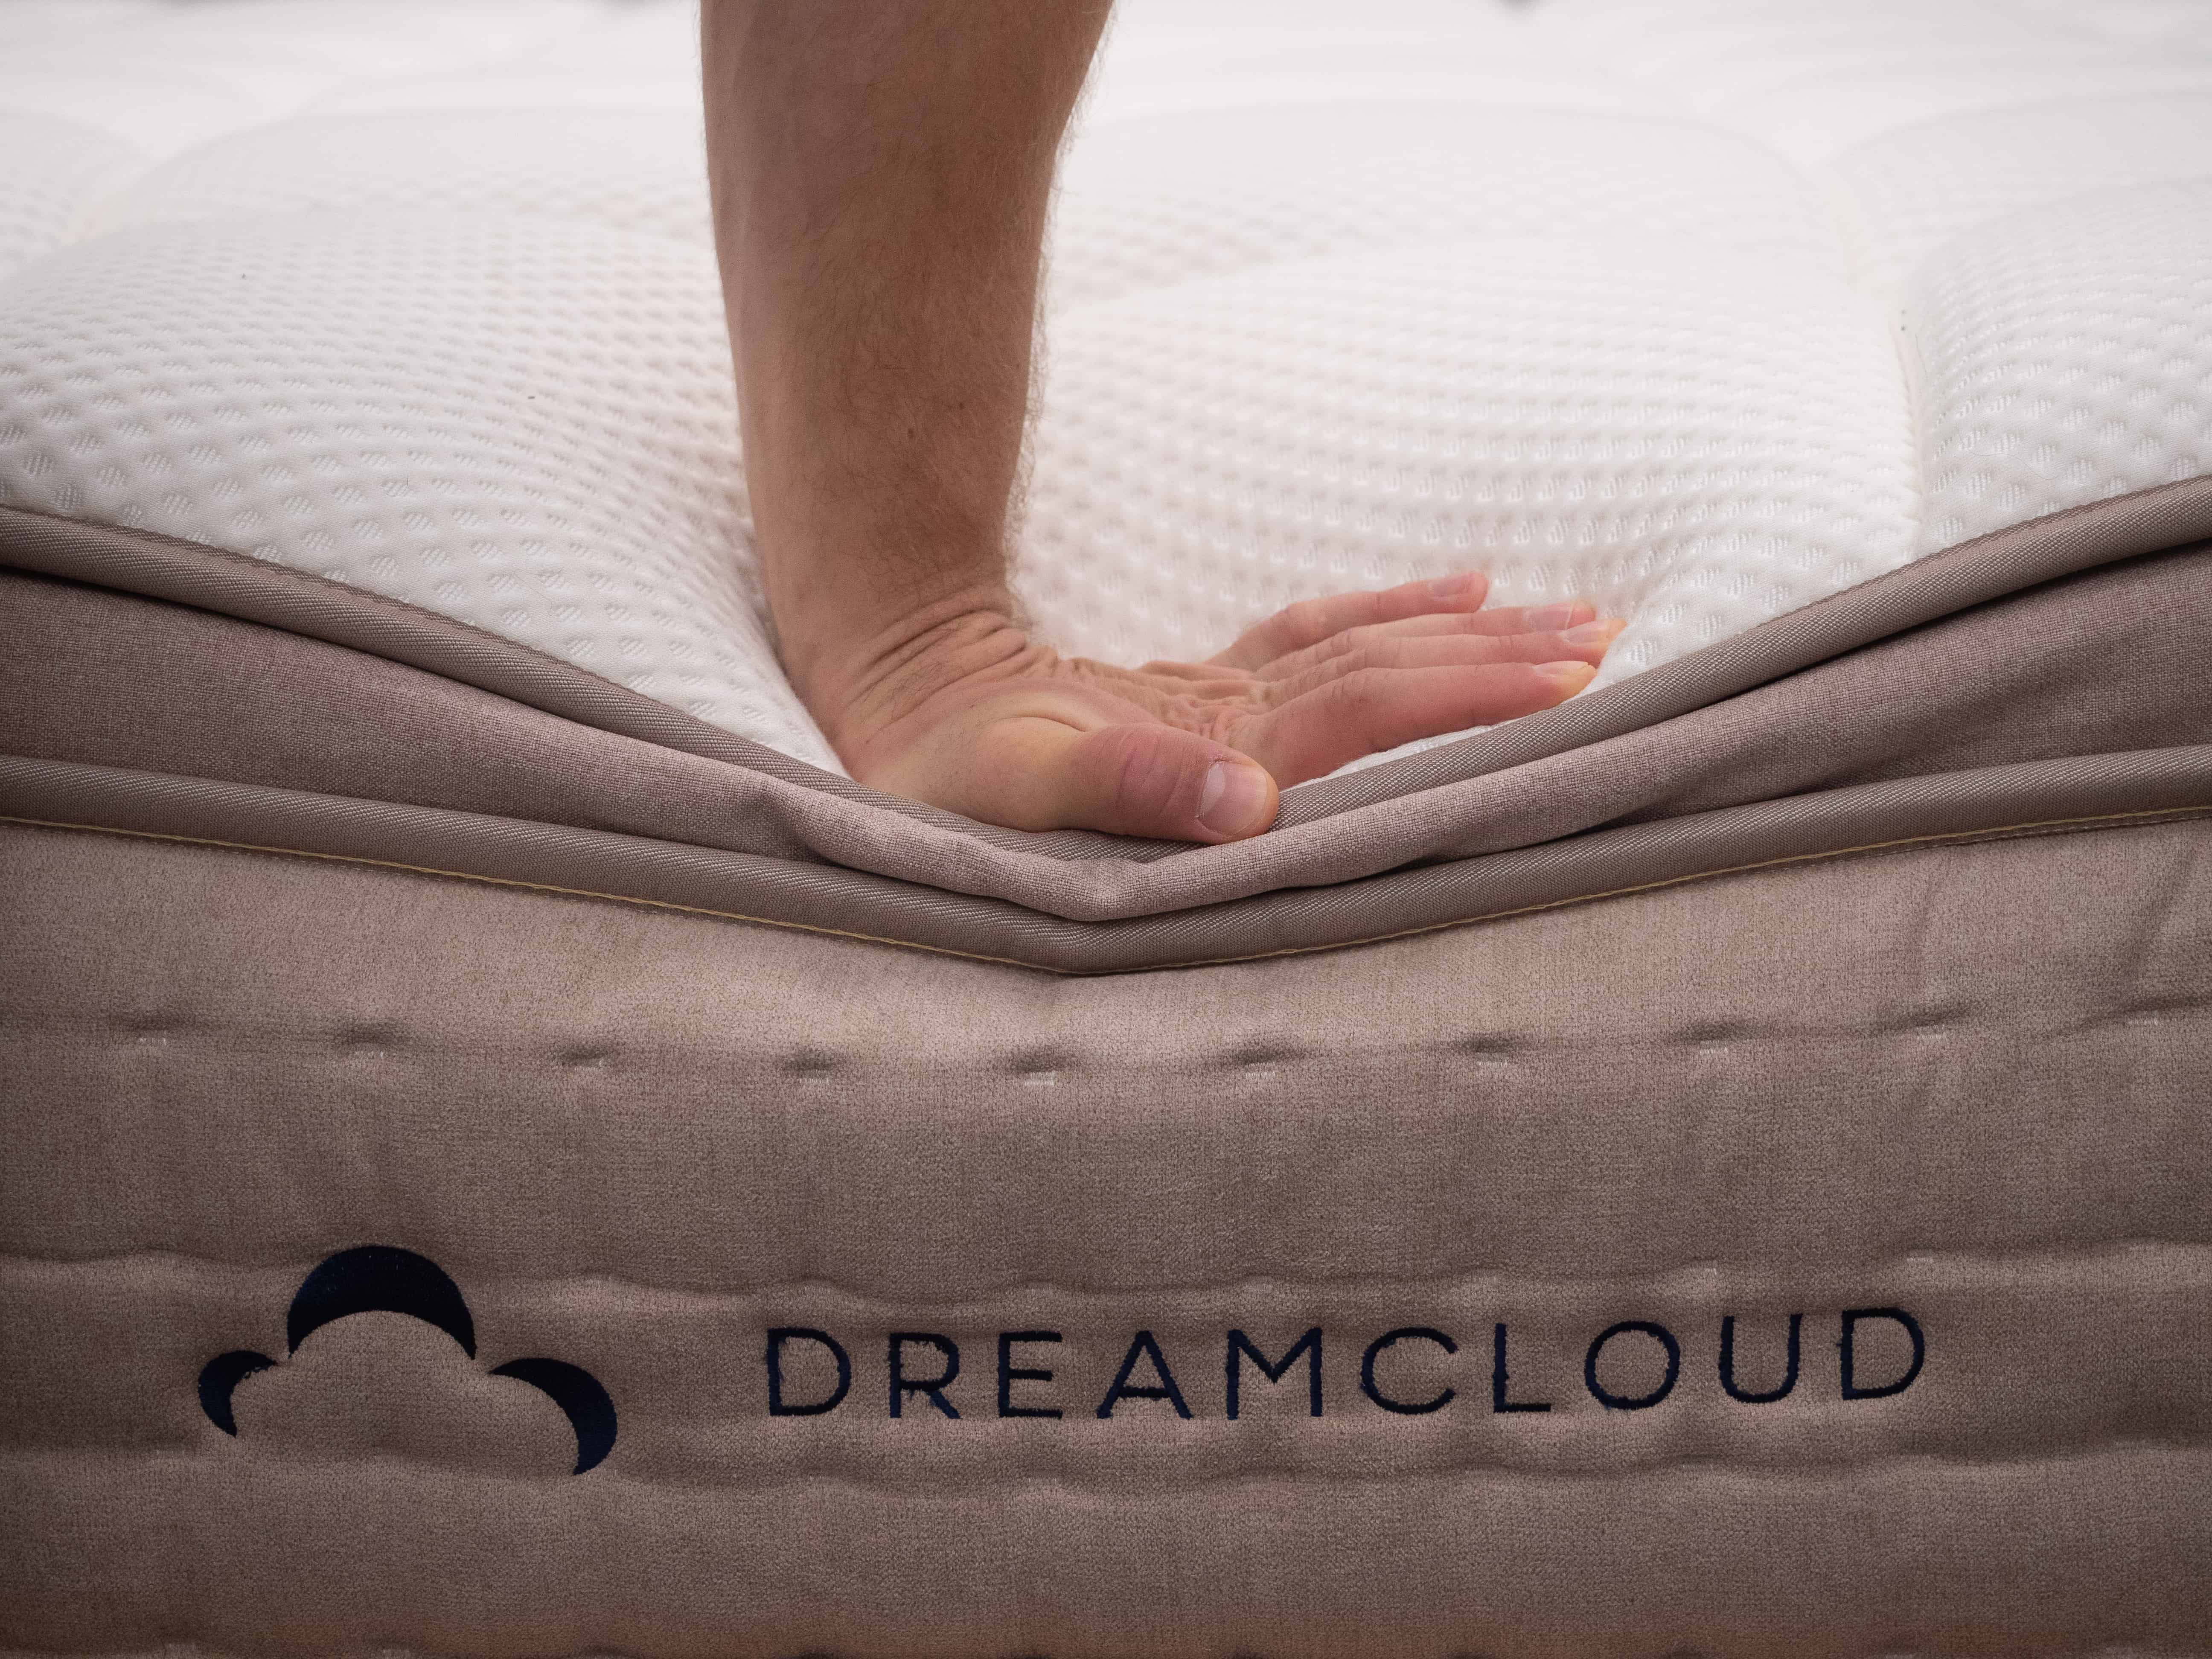 DreamCloud Hand Press